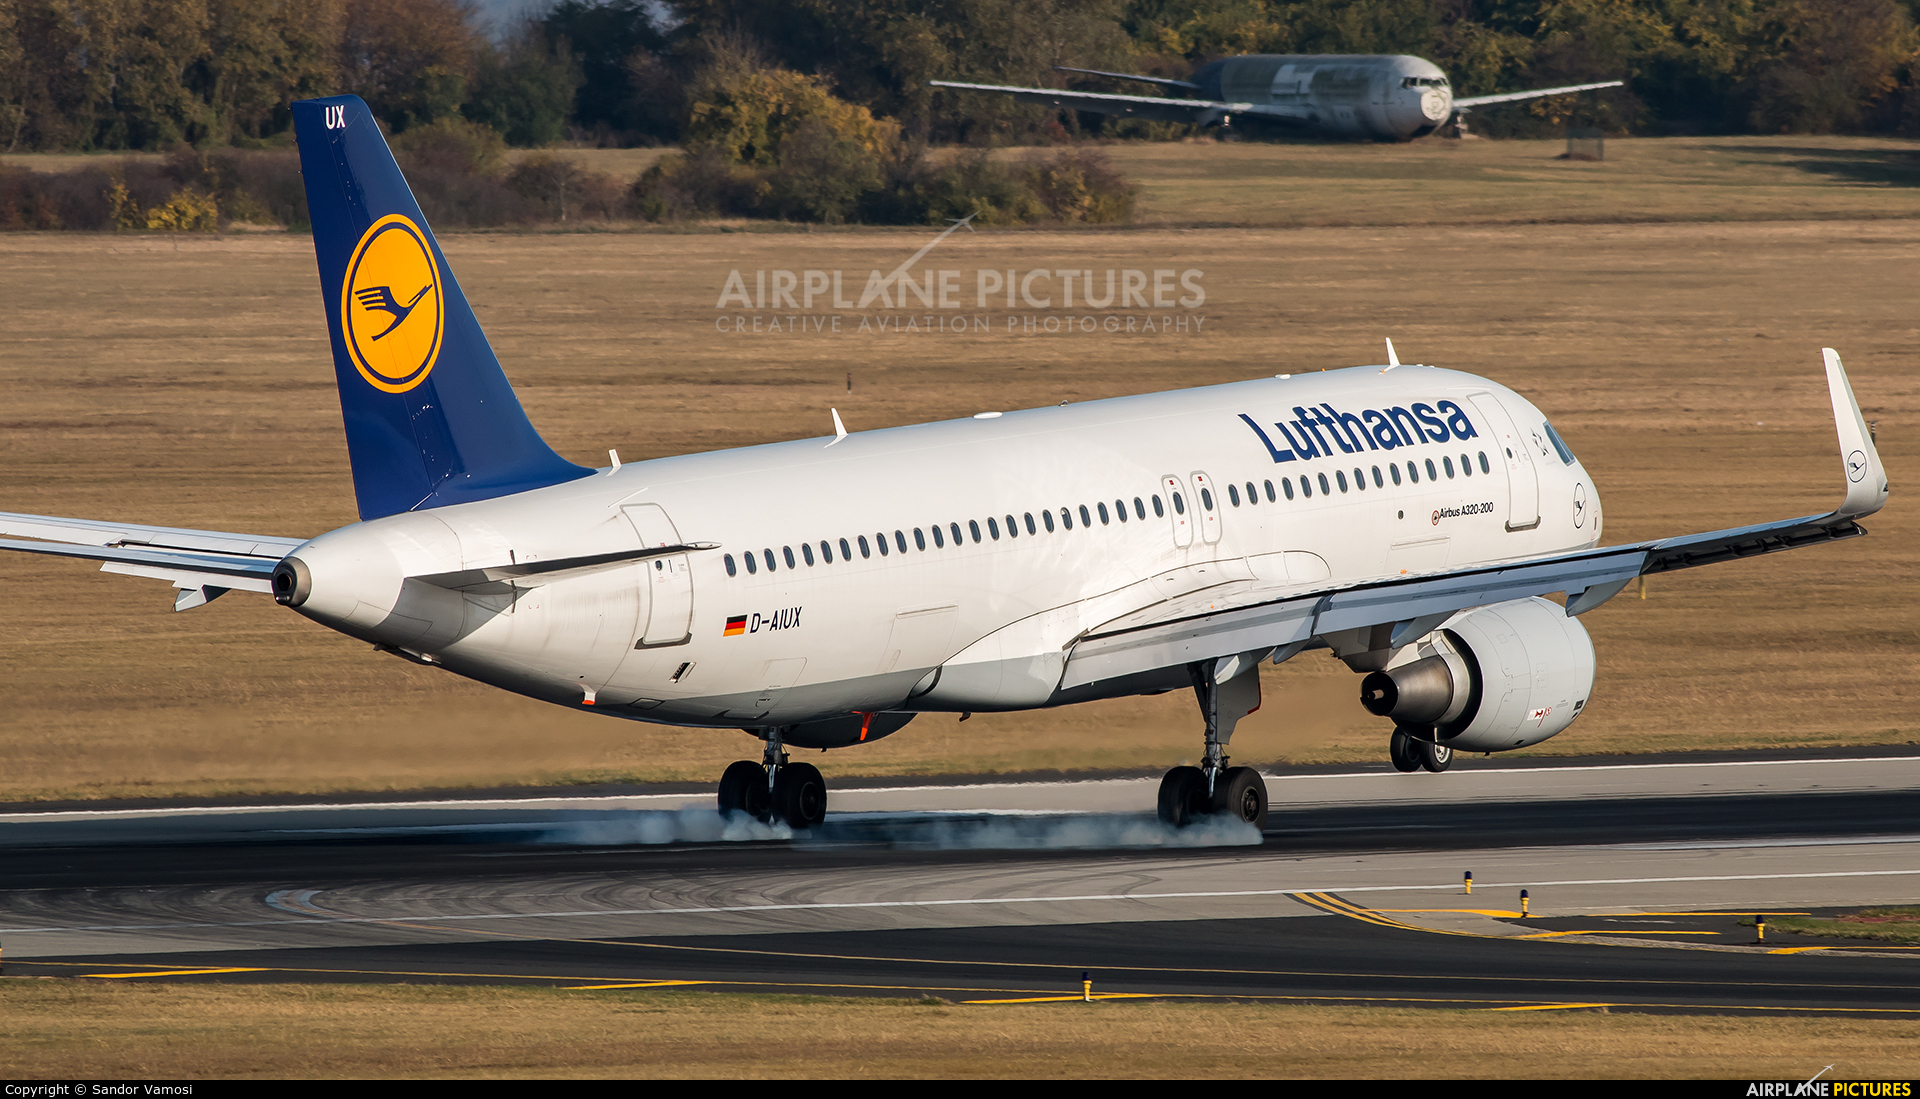 Lufthansa D-AIUX aircraft at Budapest Ferenc Liszt International Airport